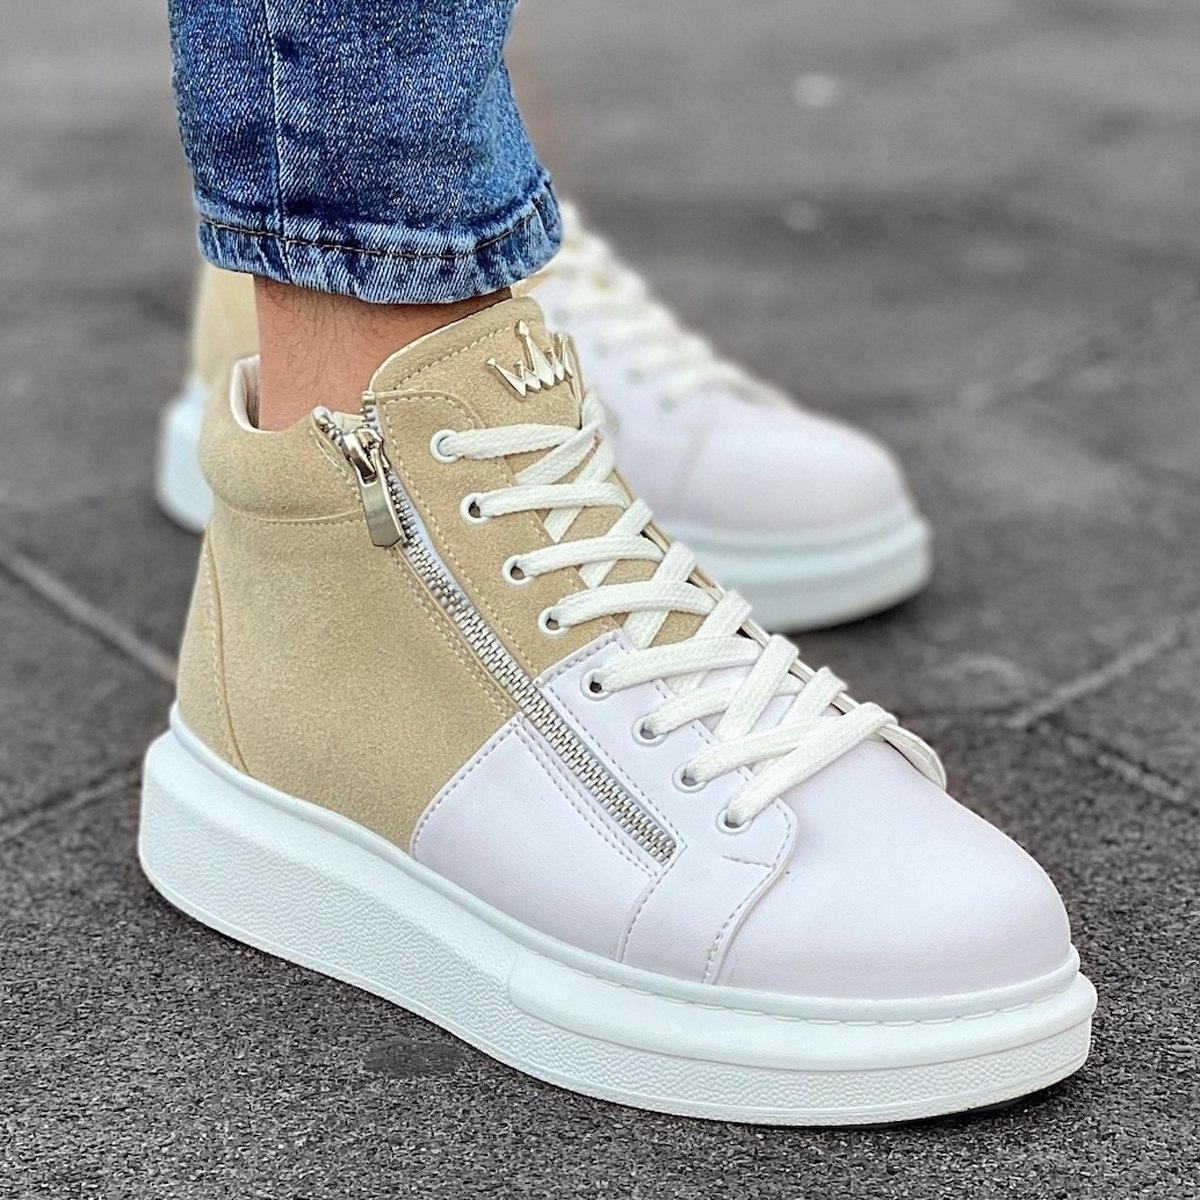 Herren High Top Sneakers Designer Schuhe mit Reißverschluss in creme-weiß